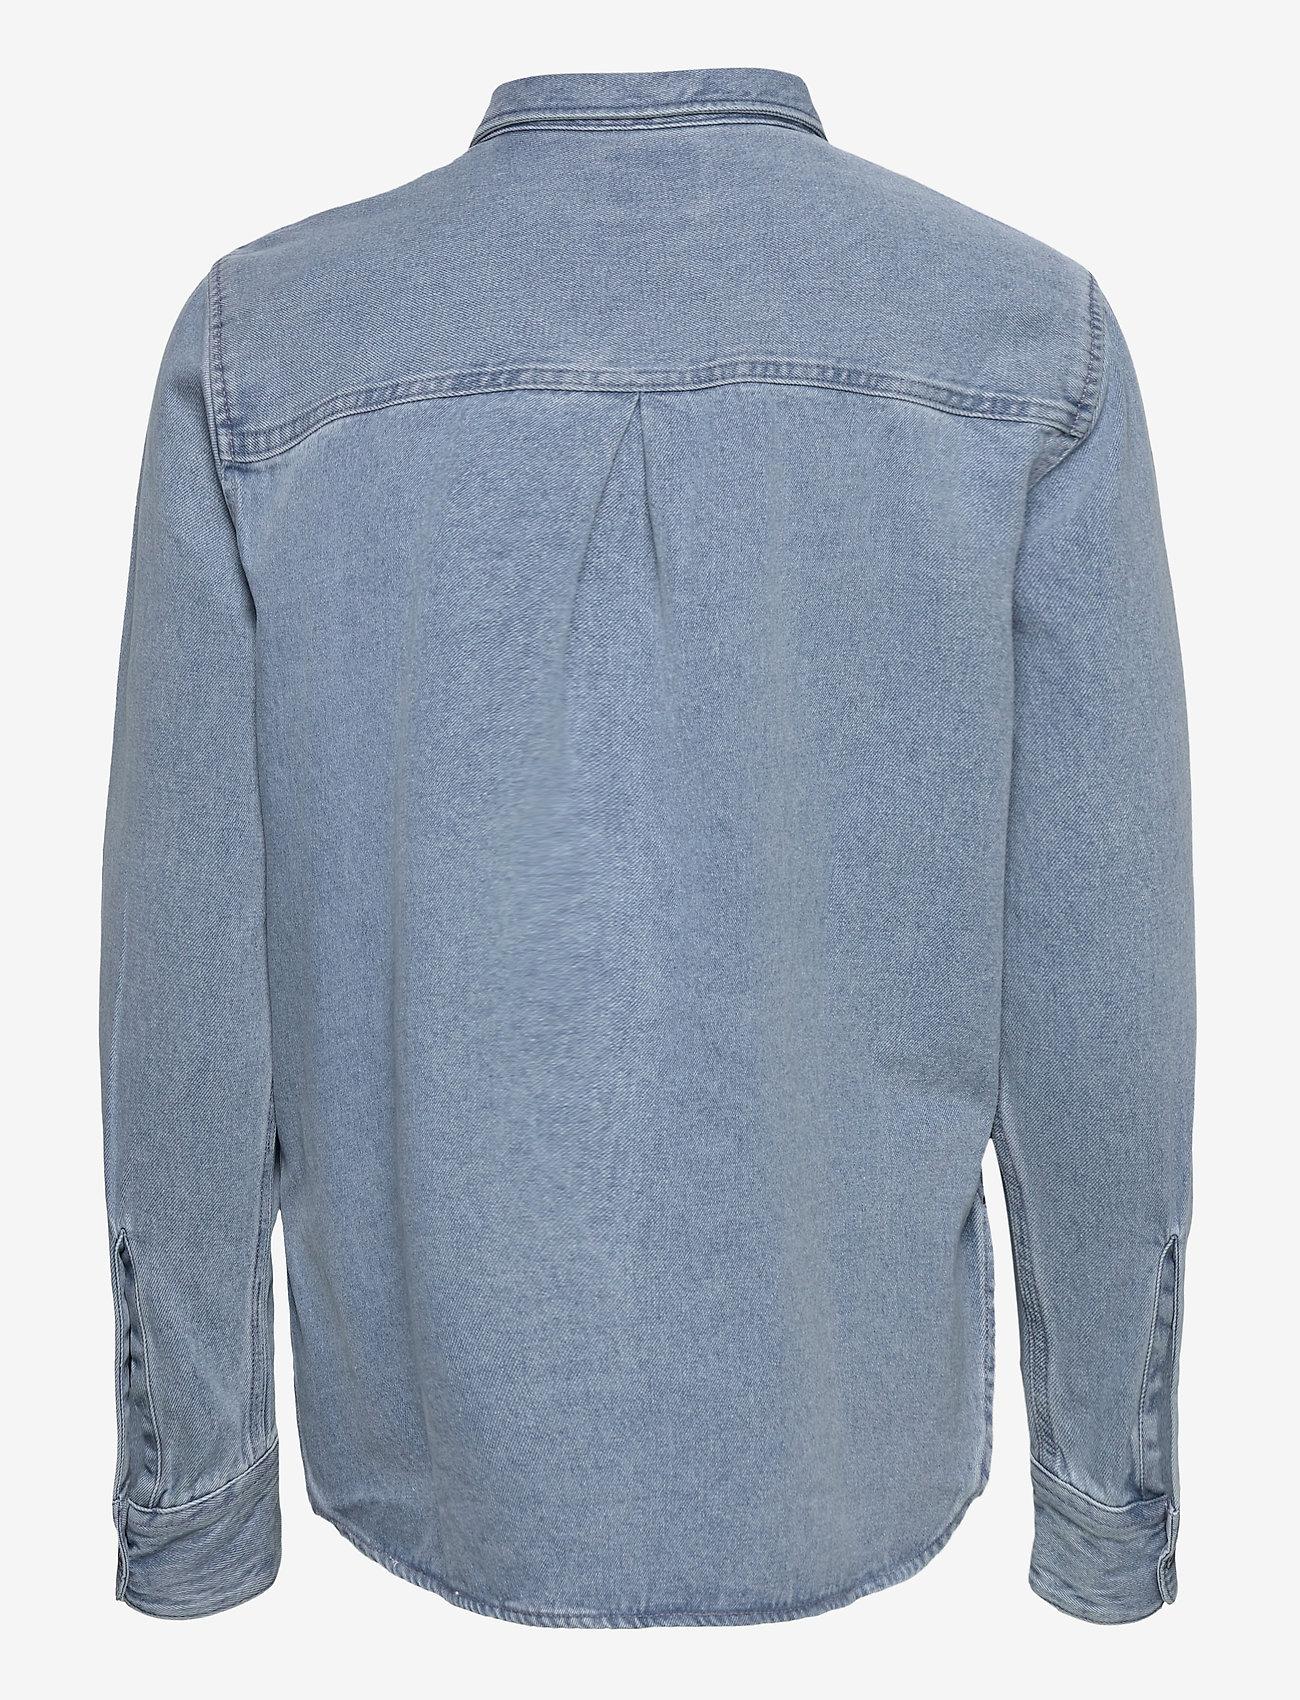 Lee Jeans - WORKER SHIRT - jeansskjortor - faded blue - 1